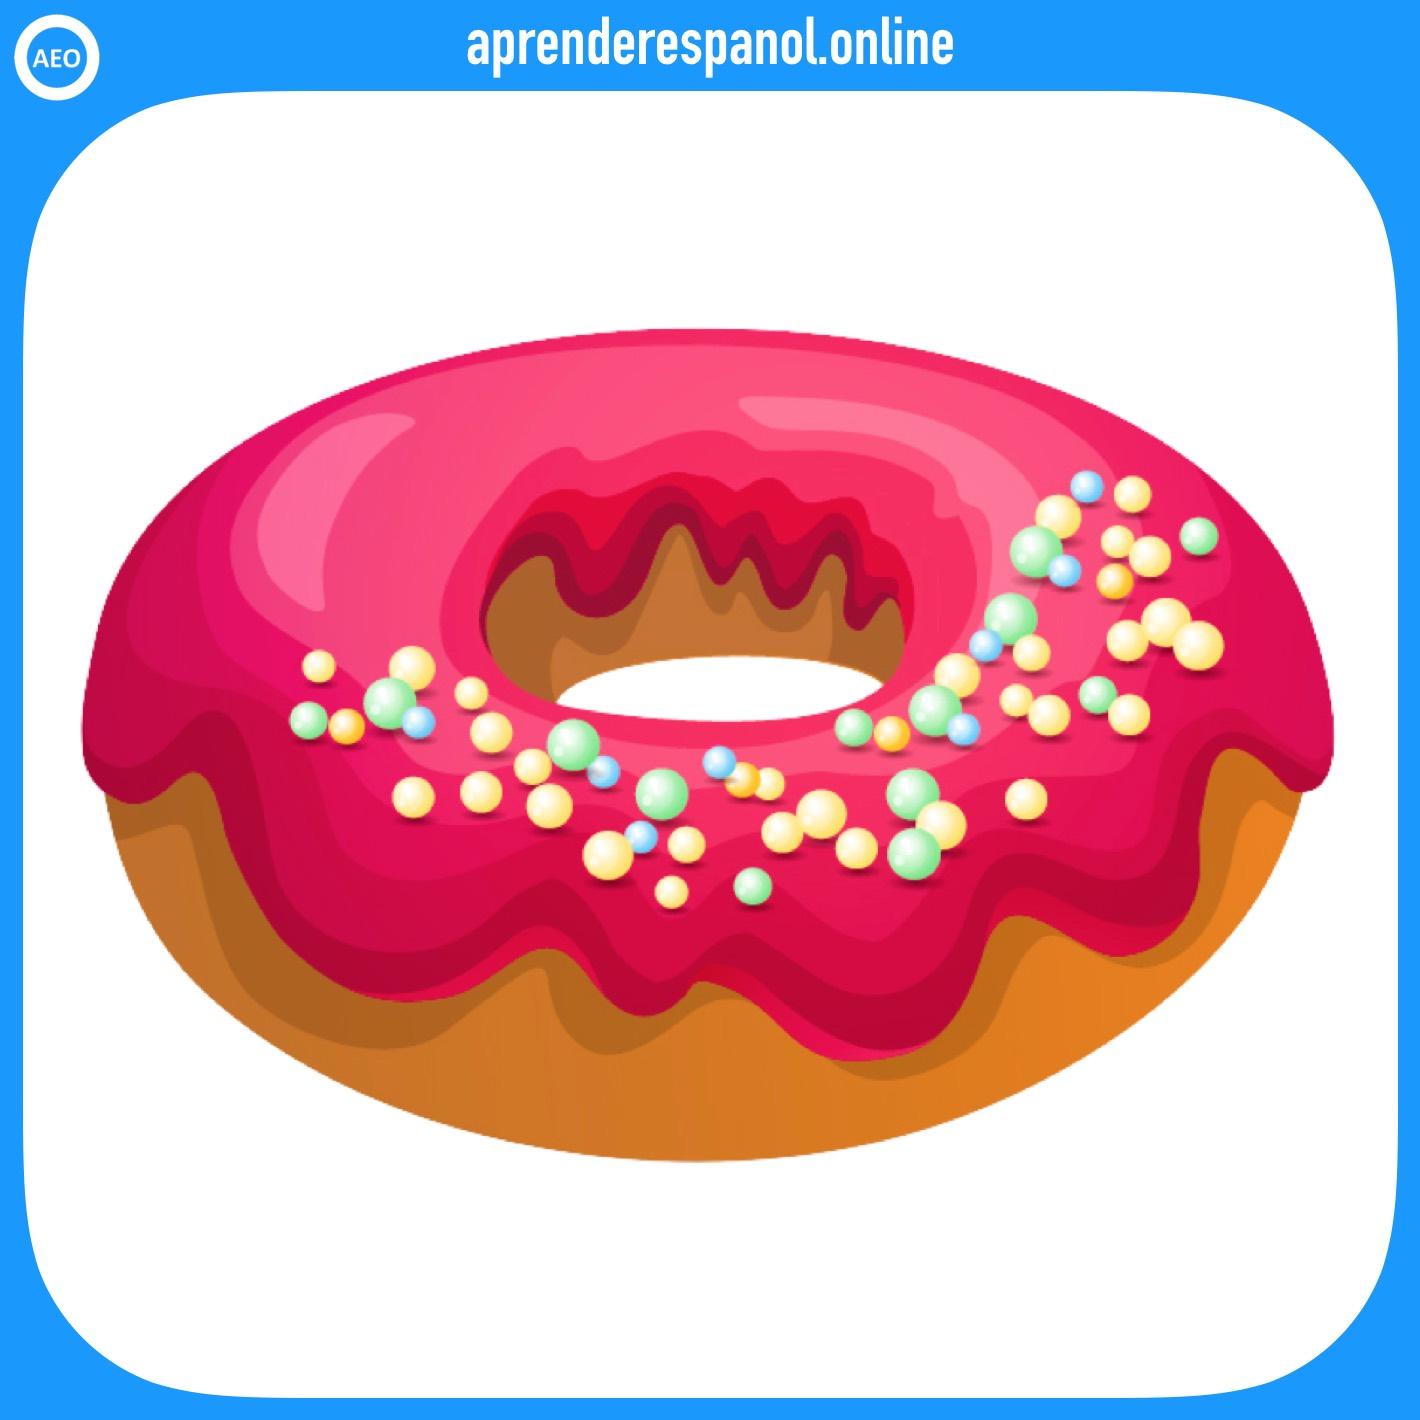 rosquilla   postres y dulces en español   vocabulario de los postres en español